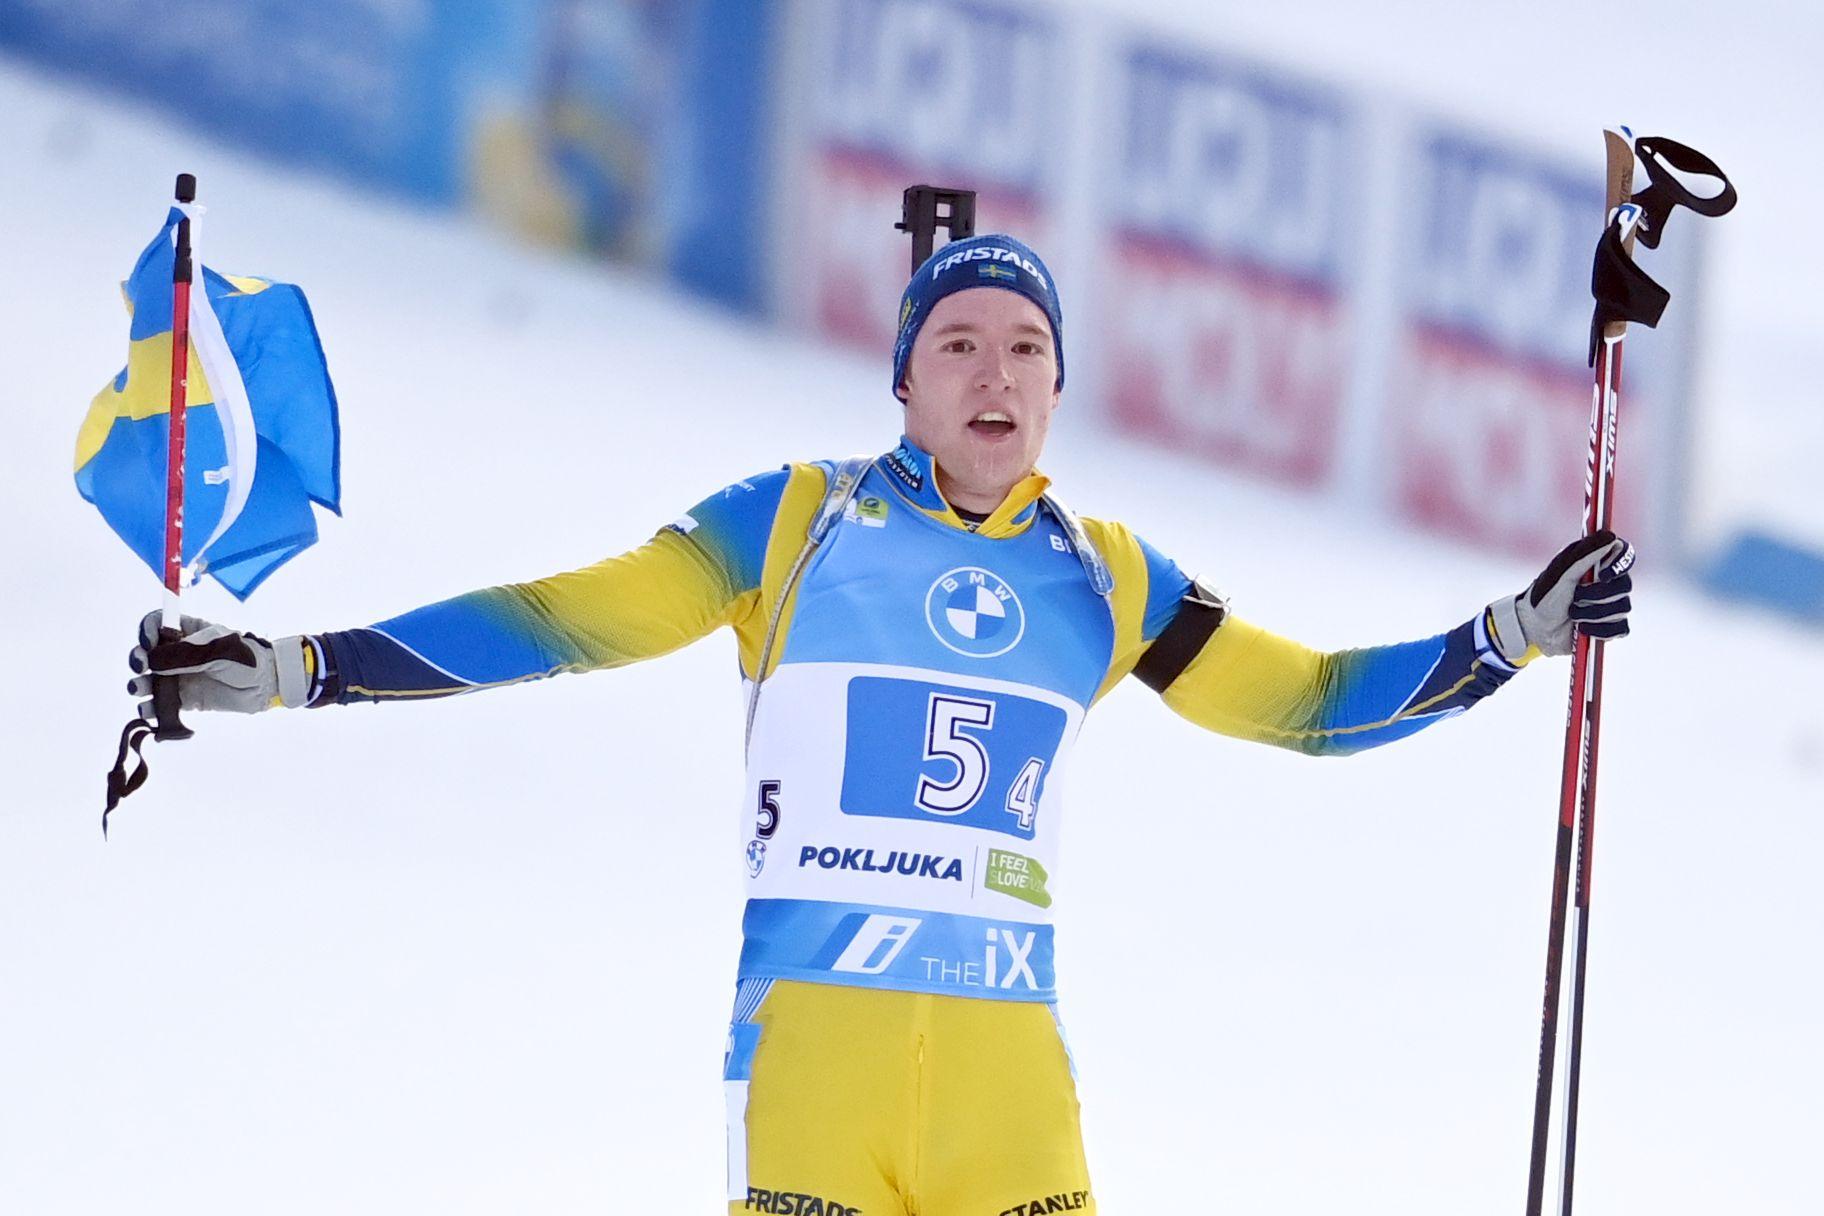 Биатлонист Самуэльссон: 'Я чую кровь, когда вижу перед собой русского'